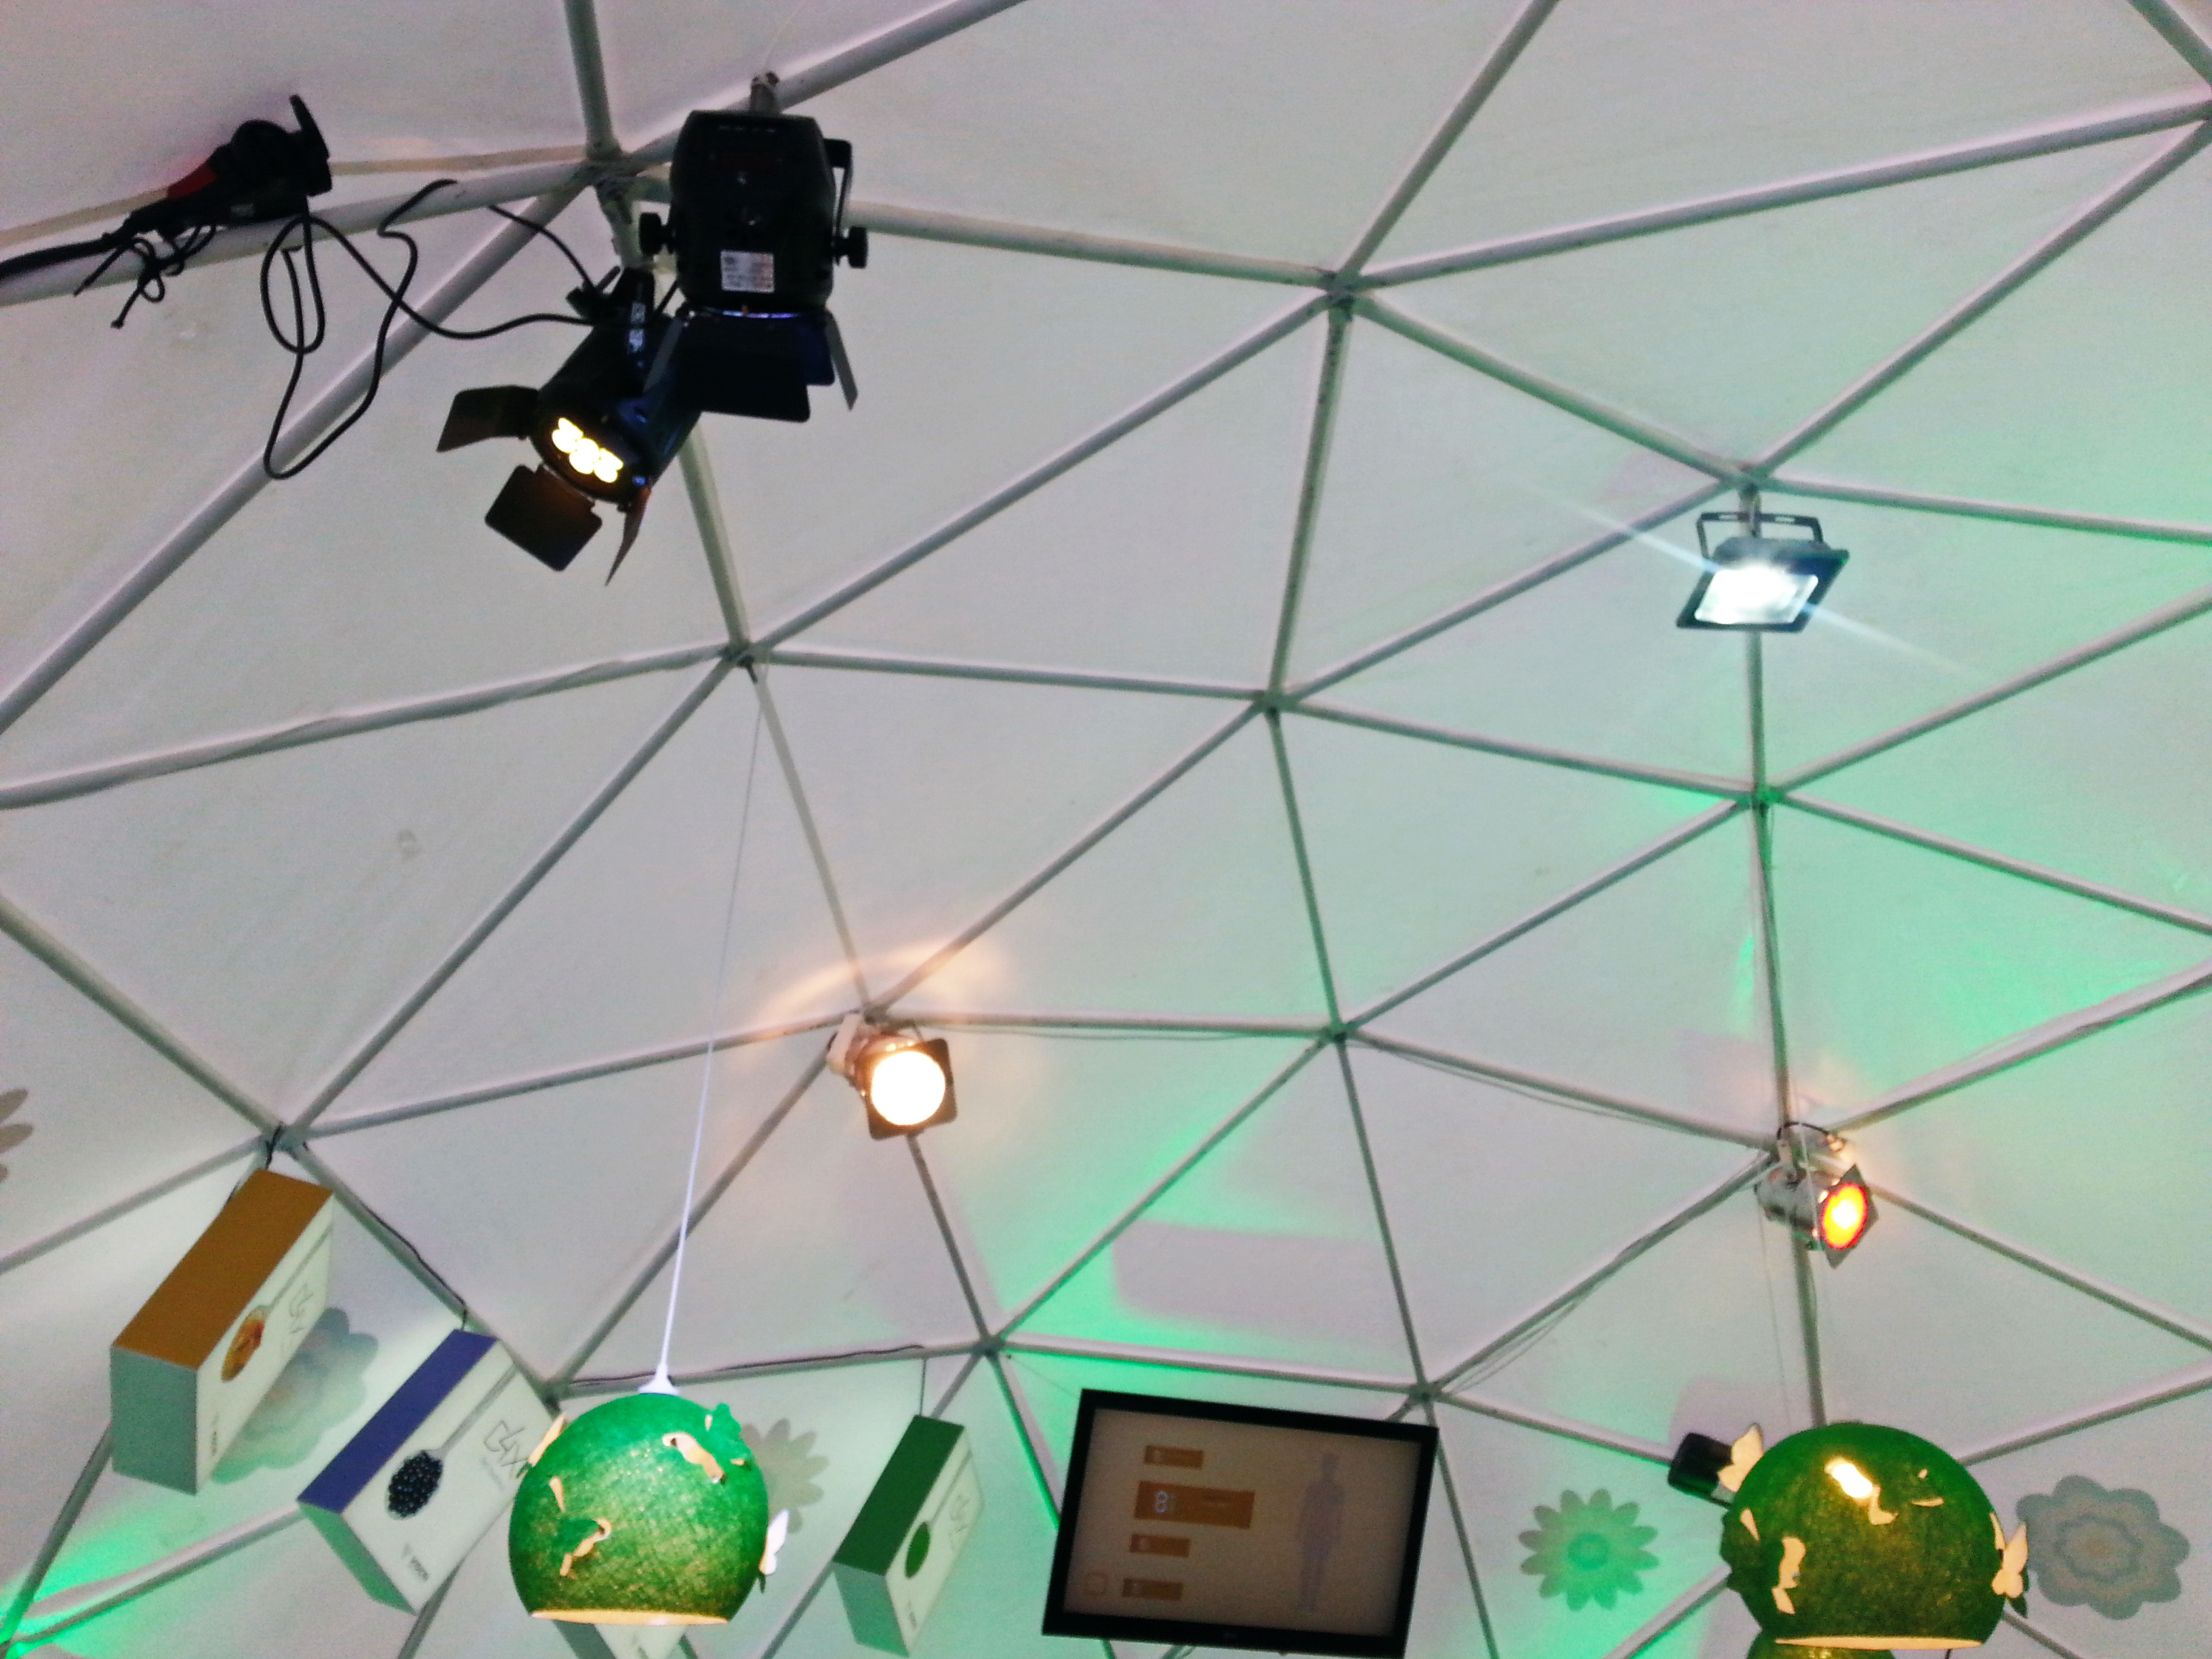 Portable dome Ø8m for Švenčionių Vaistažolės herb factory, Vilnius, Lithuania